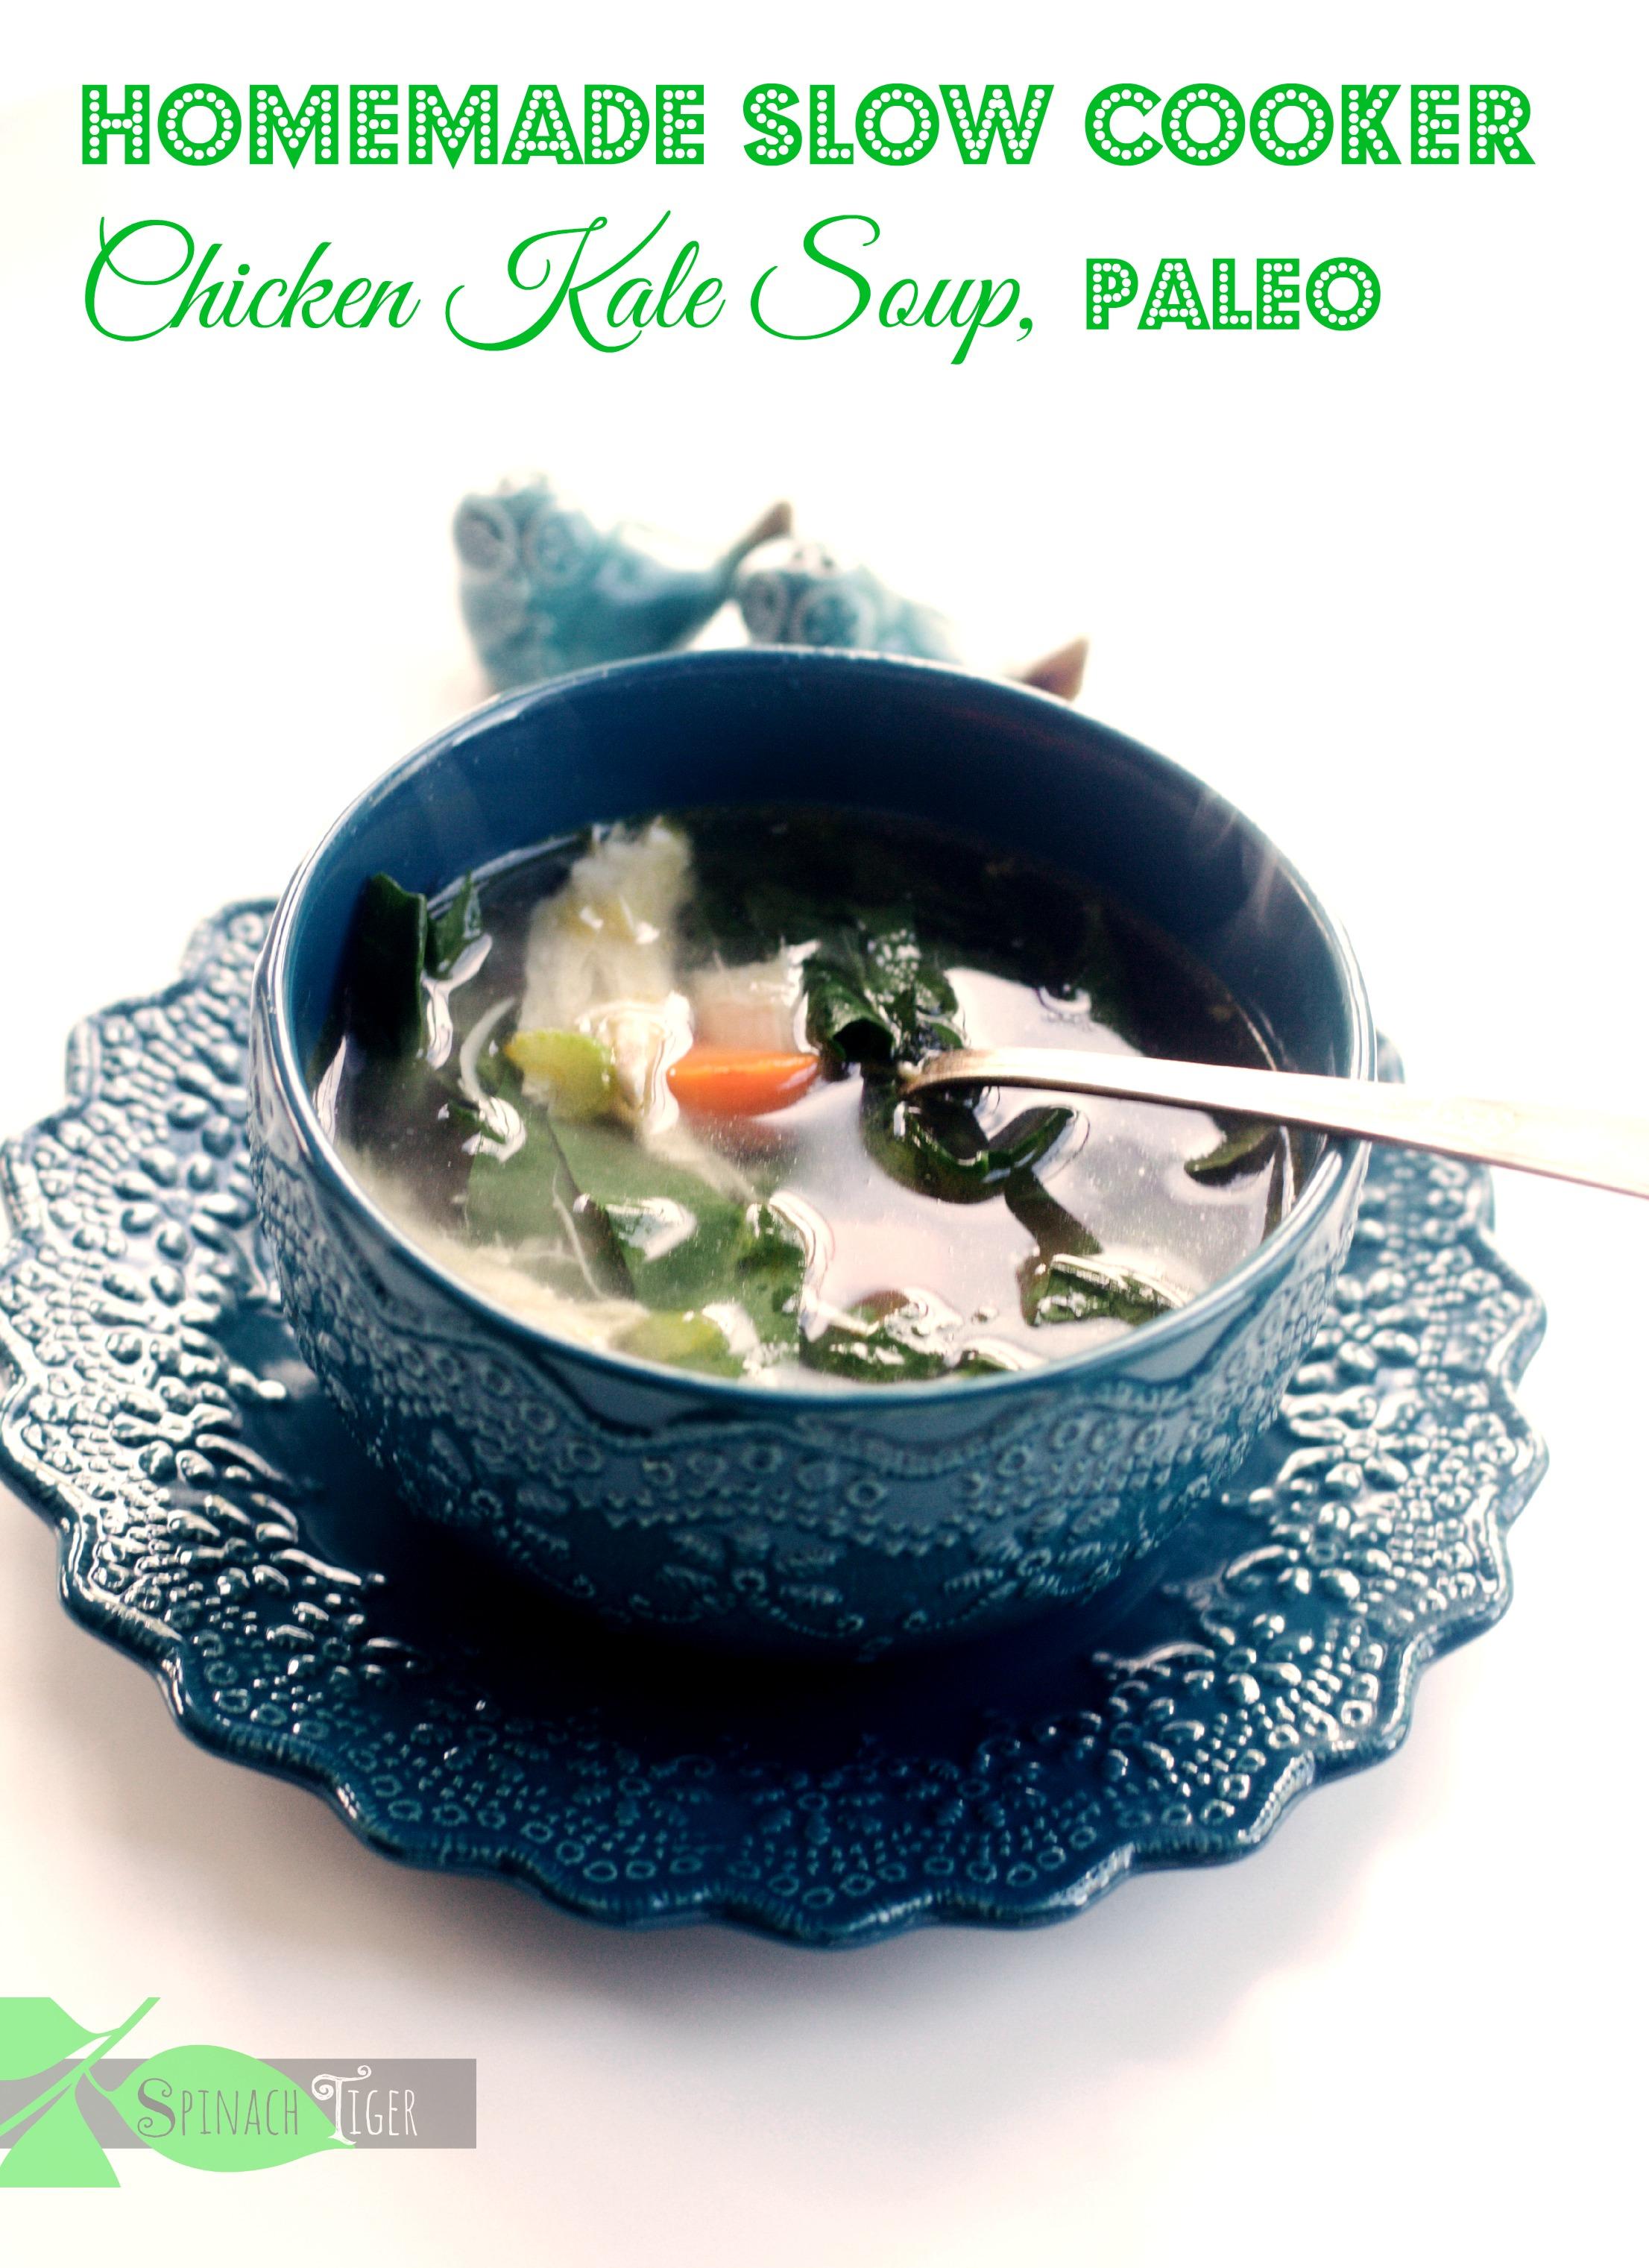 Chicken Kale Soup, Paleo